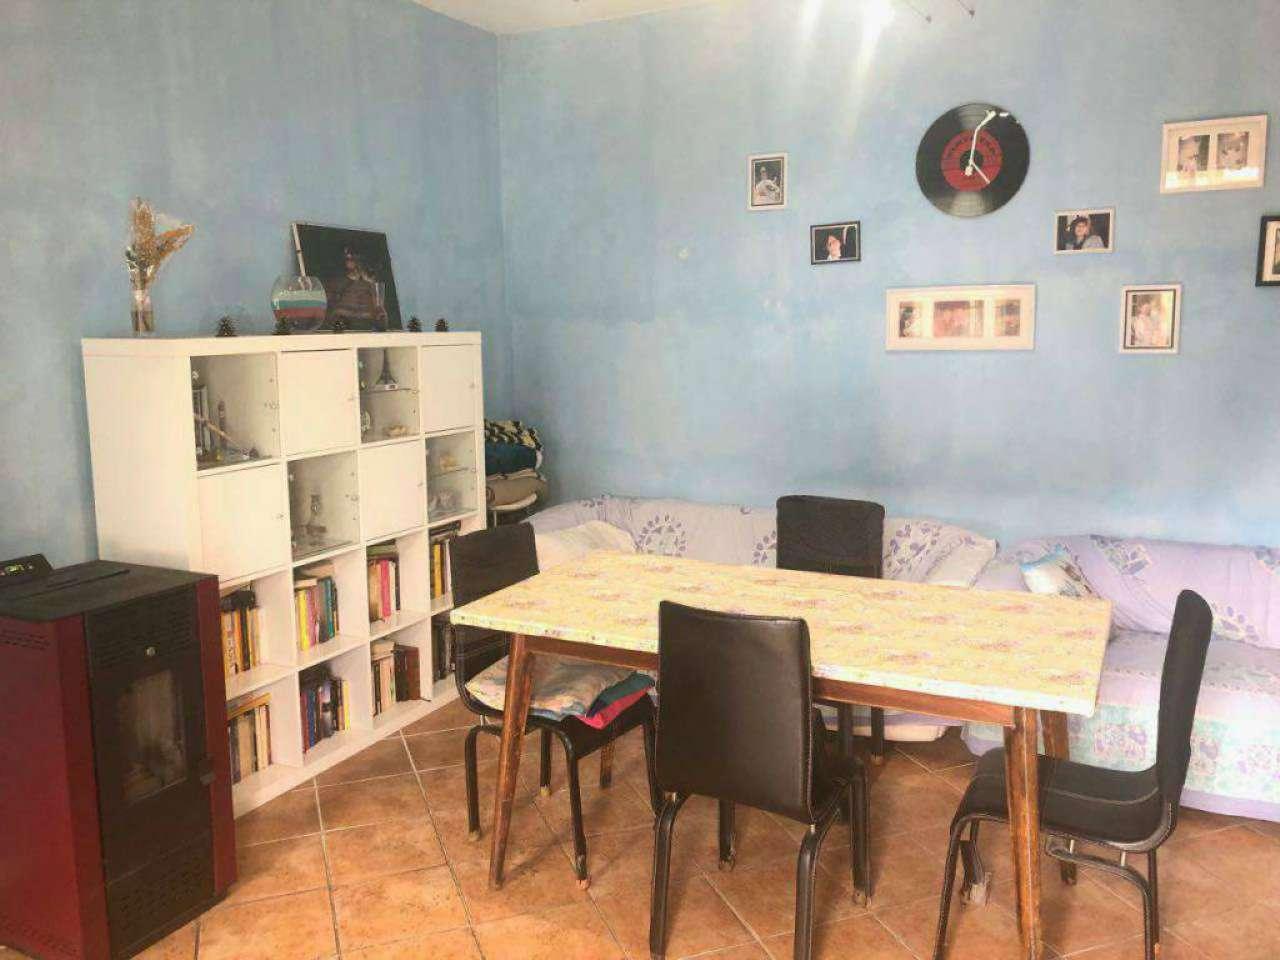 Casa indipendente in Vendita a Chignolo Po: 4 locali, 230 mq